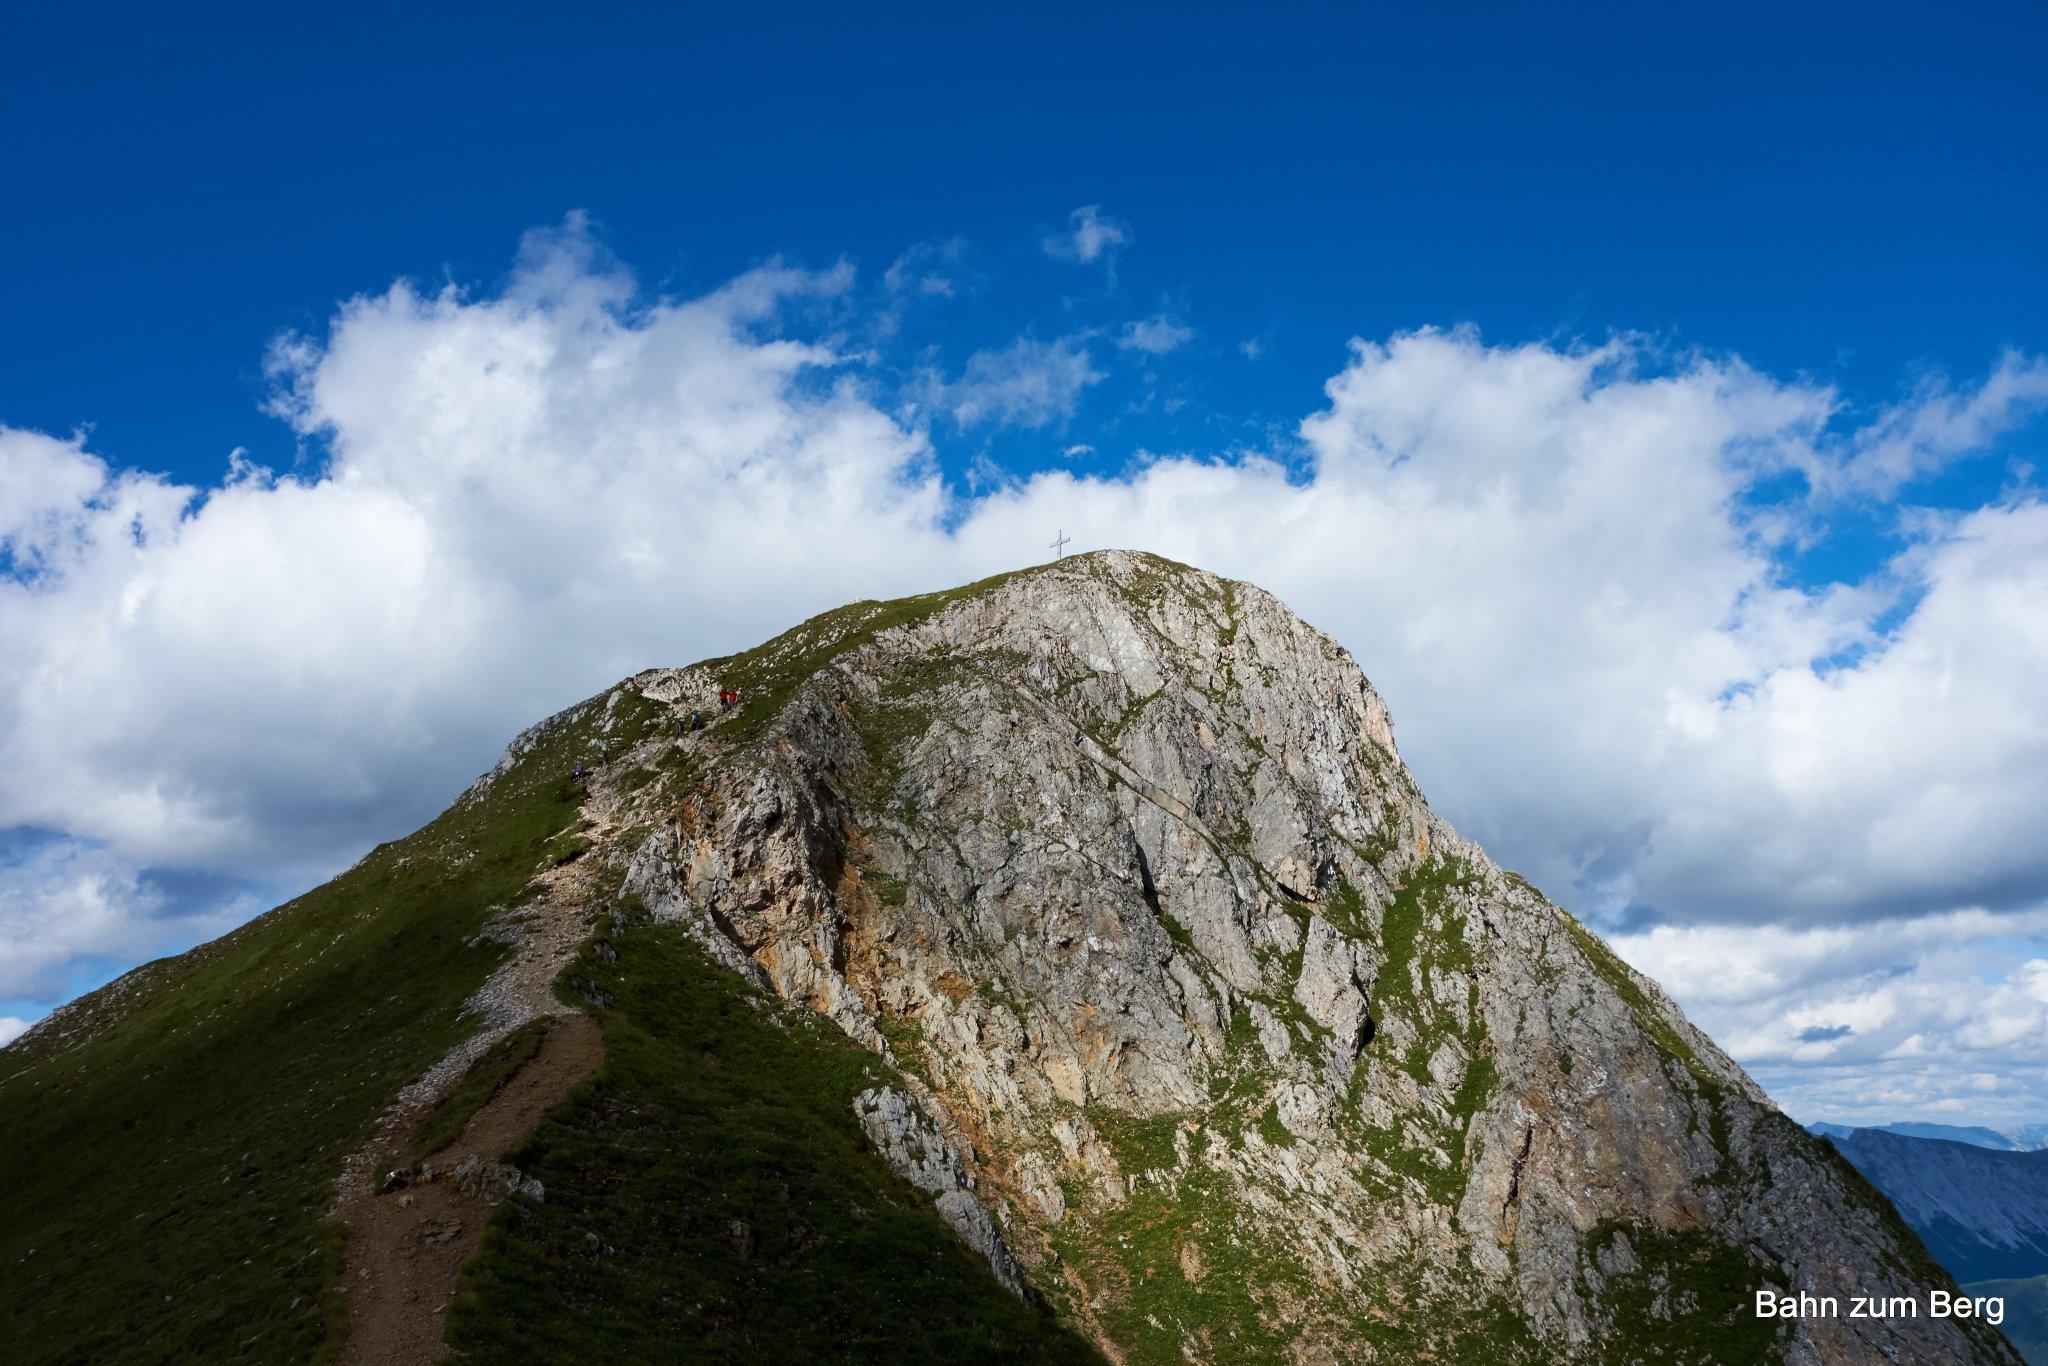 Der Gipfel des Eisenerzer Reichenstein vom Kamm zwischen Hütte und Gipfel aus fotografiert.